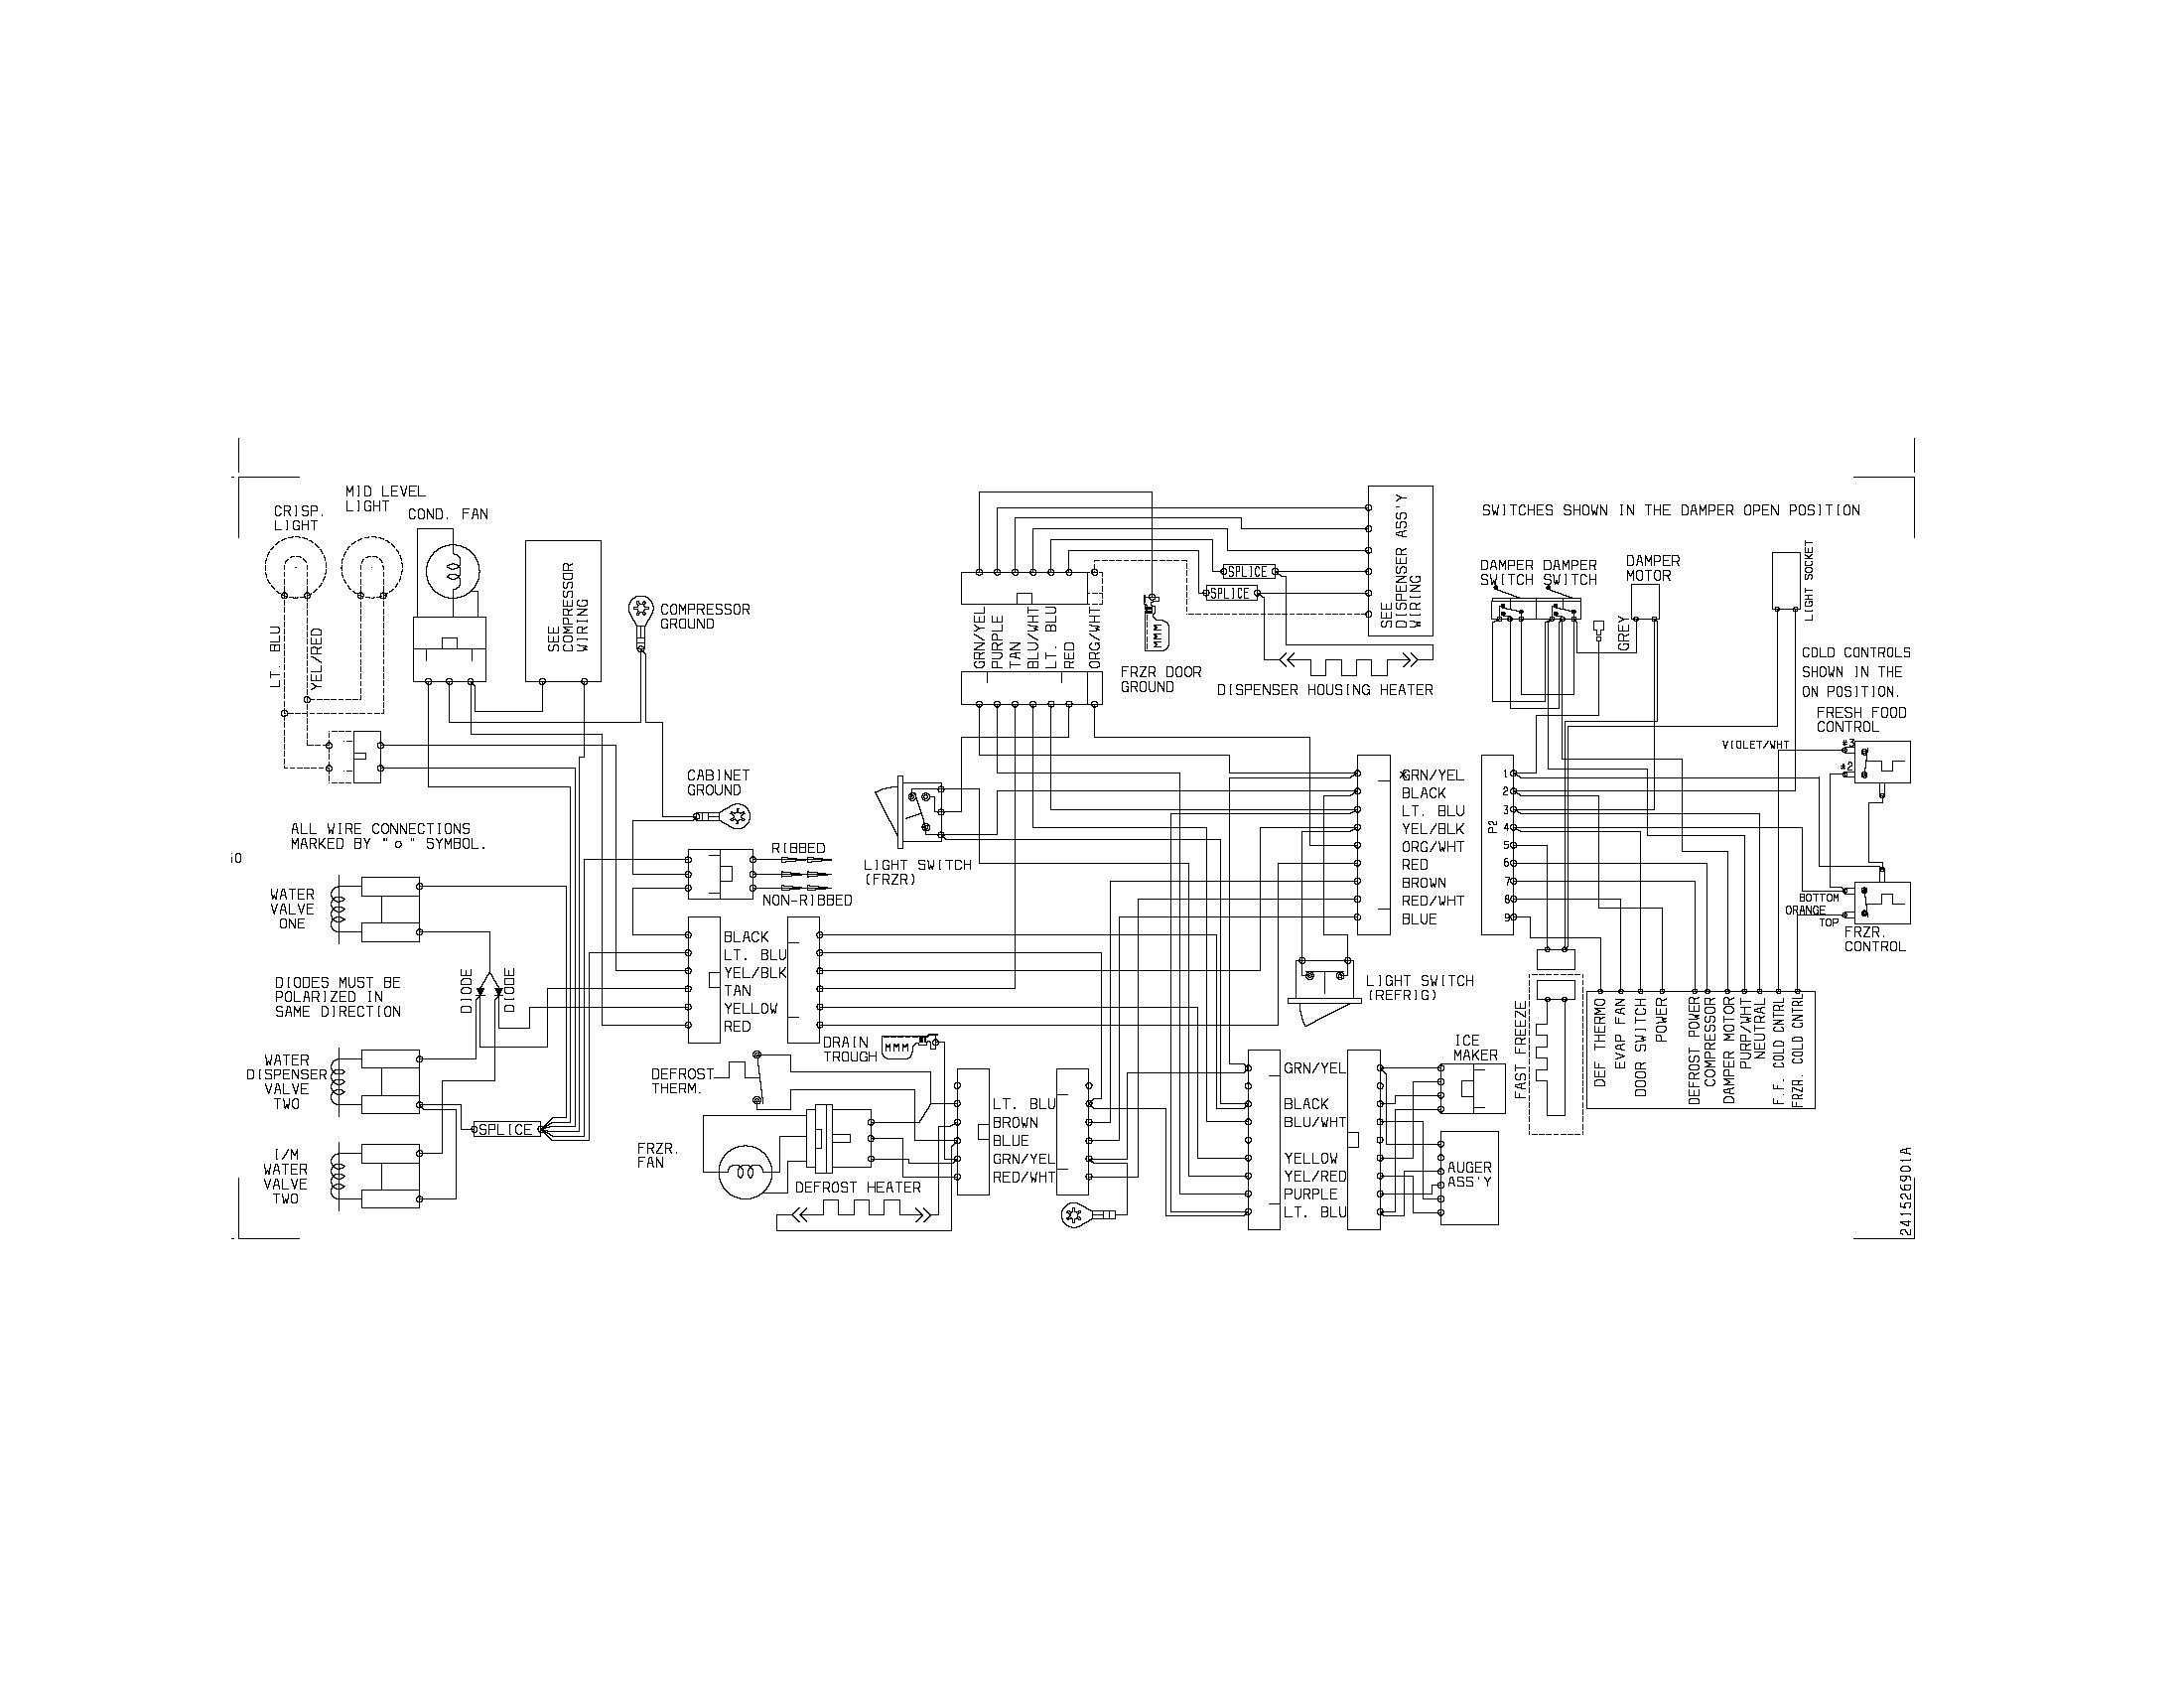 walk in freezer wiring diagram   30 wiring diagram images